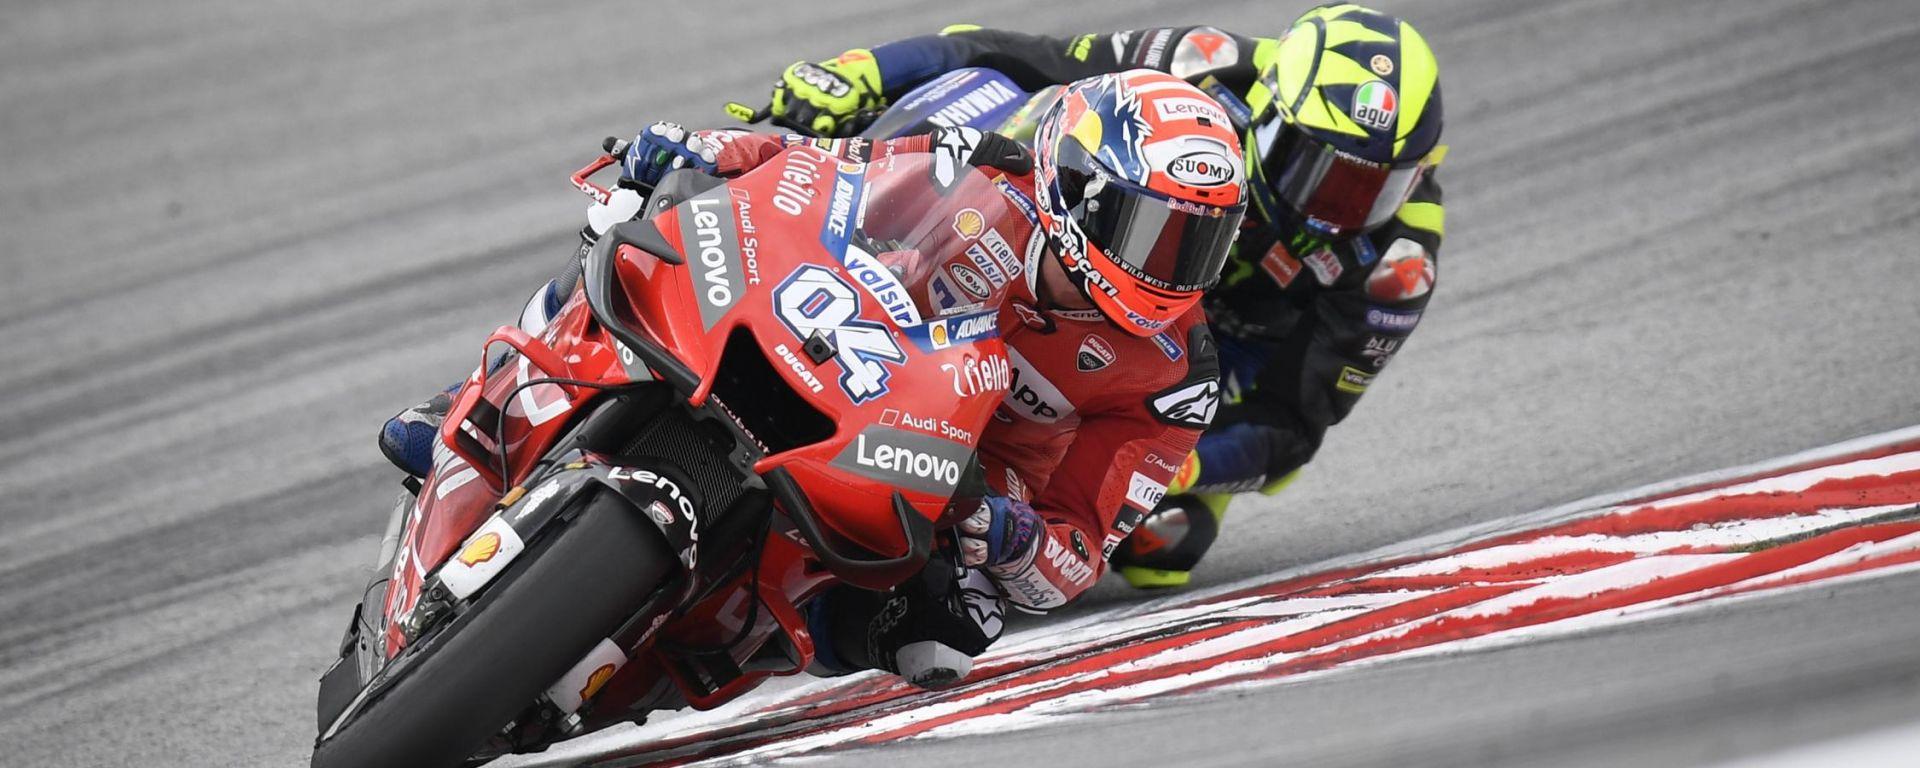 Andrea Dovizioso (Ducati) e Valentino Rossi (Yamaha)